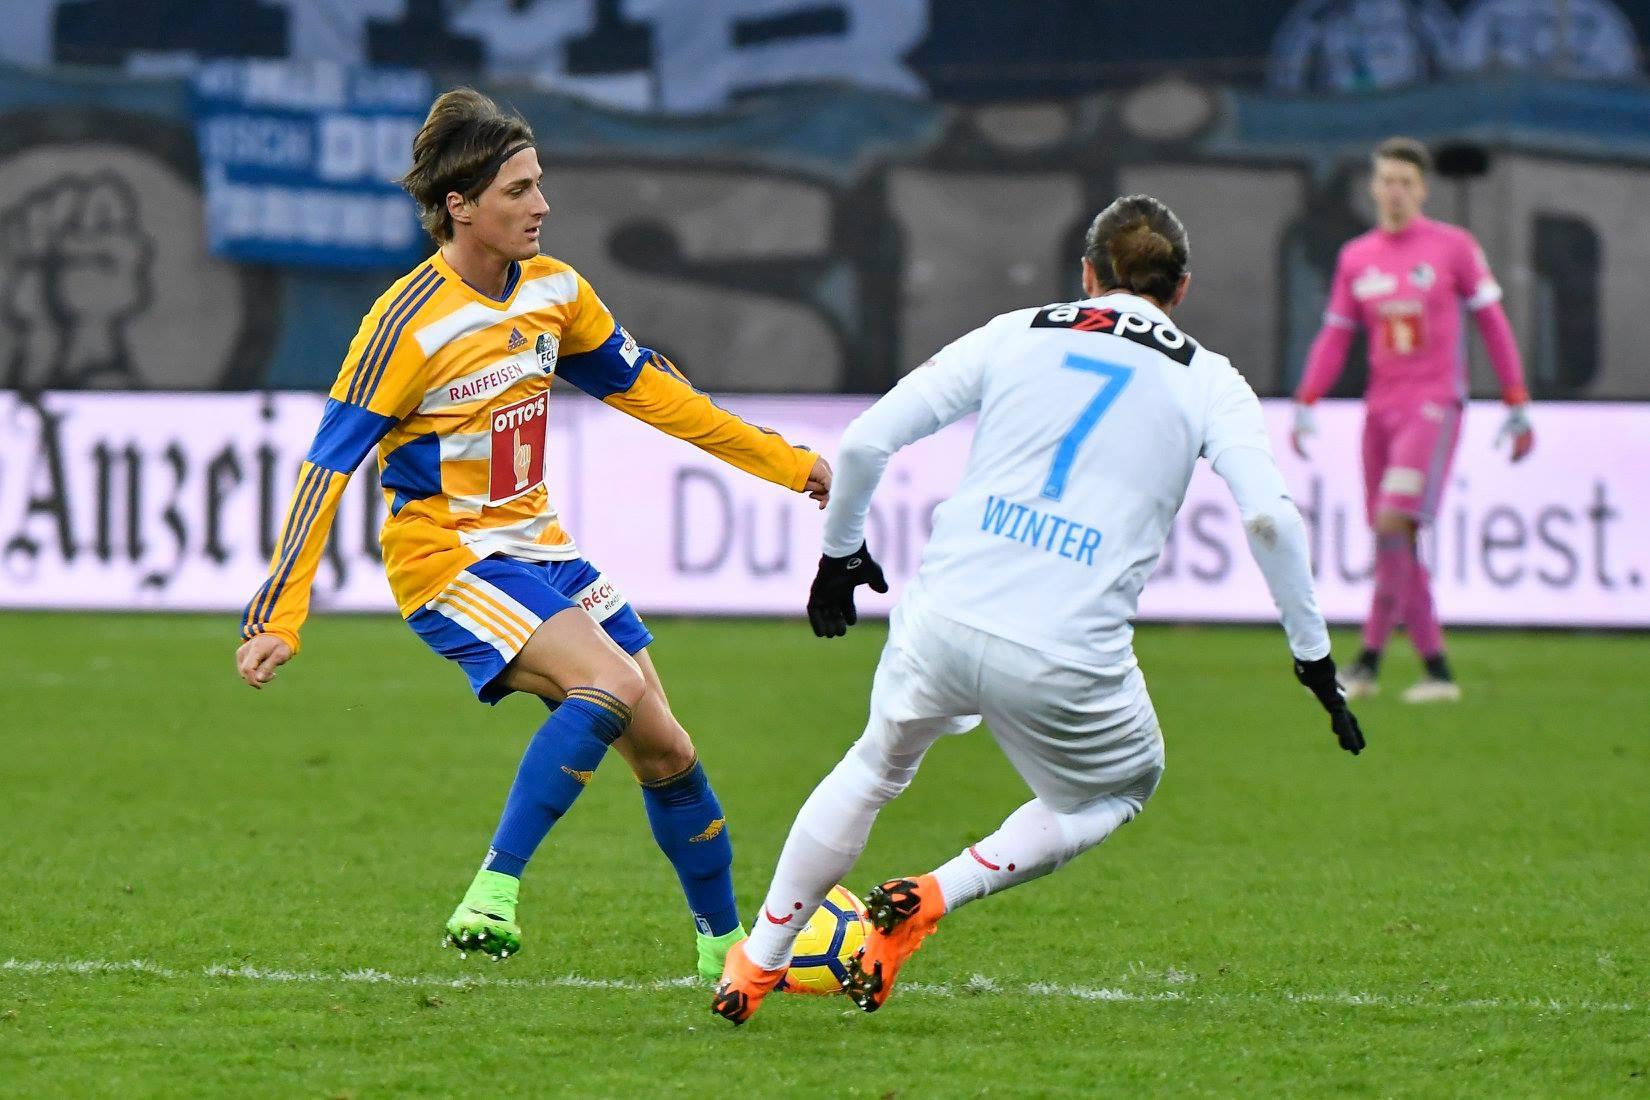 Hekuran Kryeziu im Zweikampf mit Zürichs Adrian Winter.